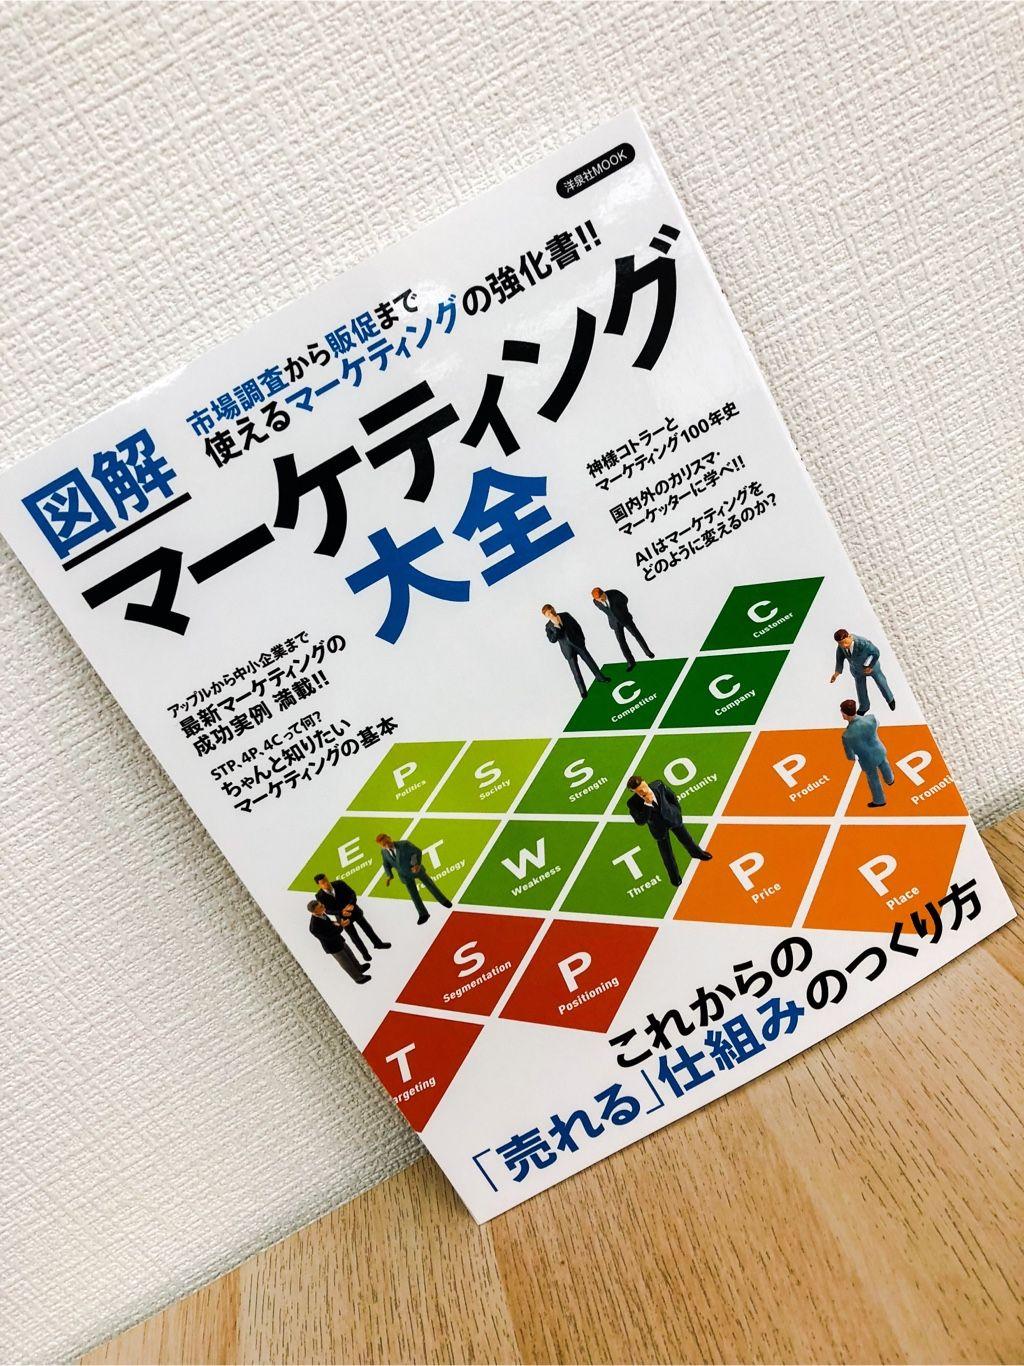 InSight 雑誌掲載情報 「図解マーケティング大全」